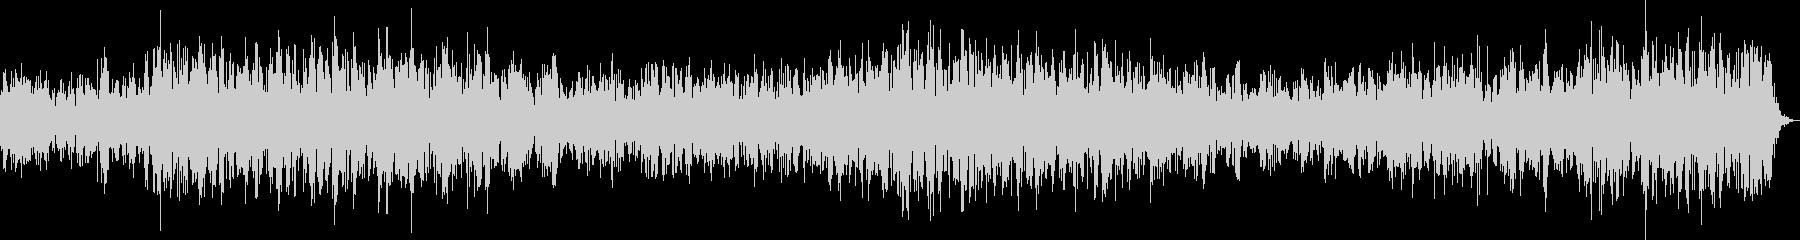 AMGその他FX01の未再生の波形